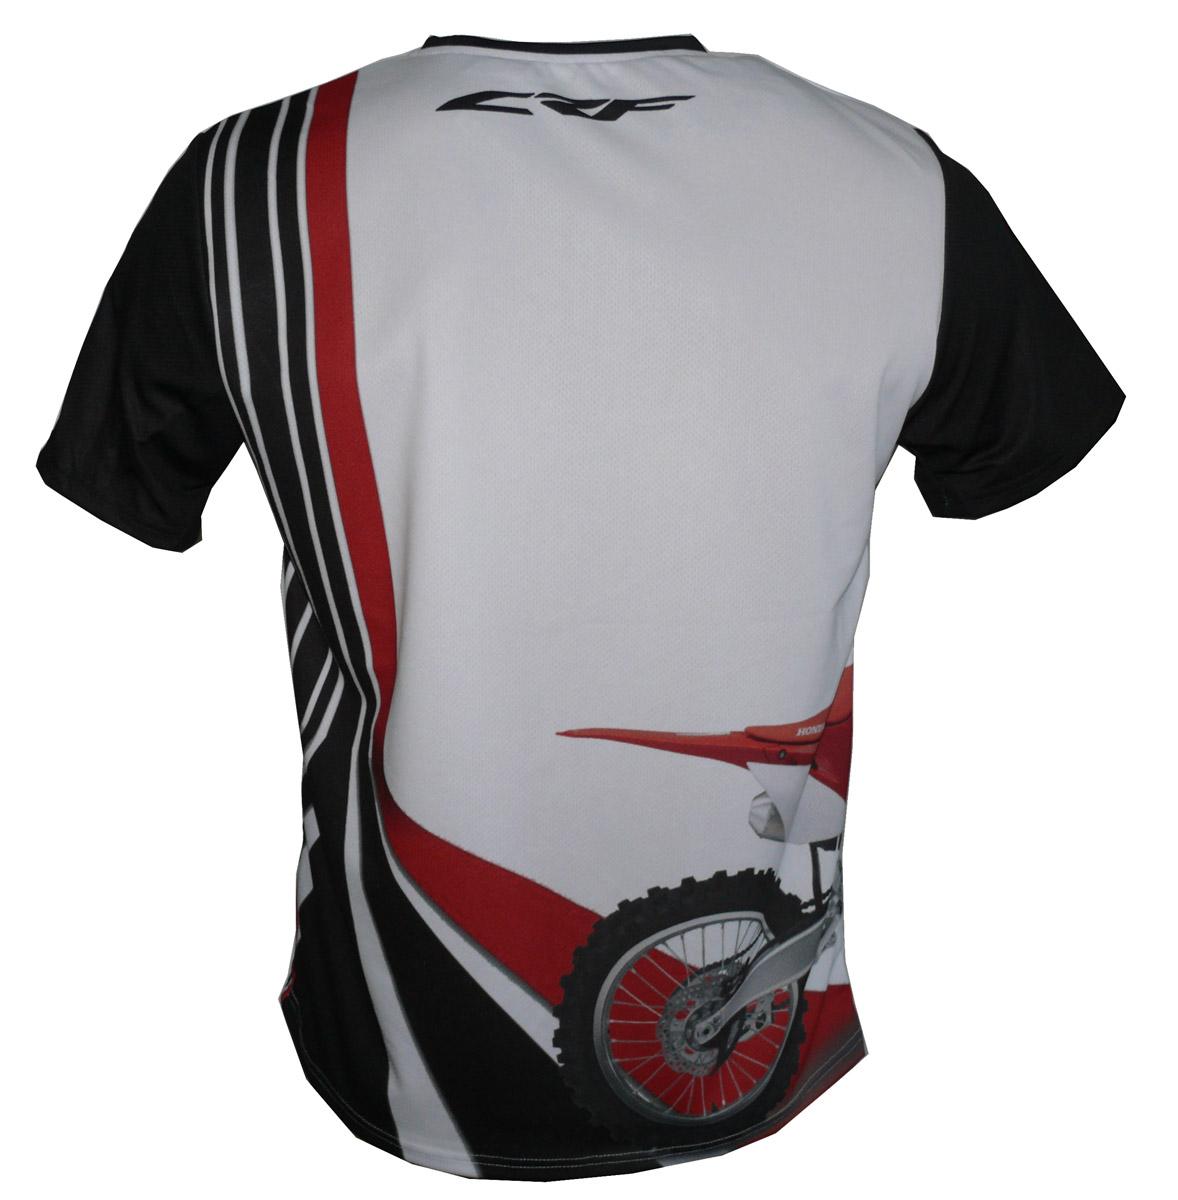 Honda CRF 450R 2019 cross bike bike t-shirt